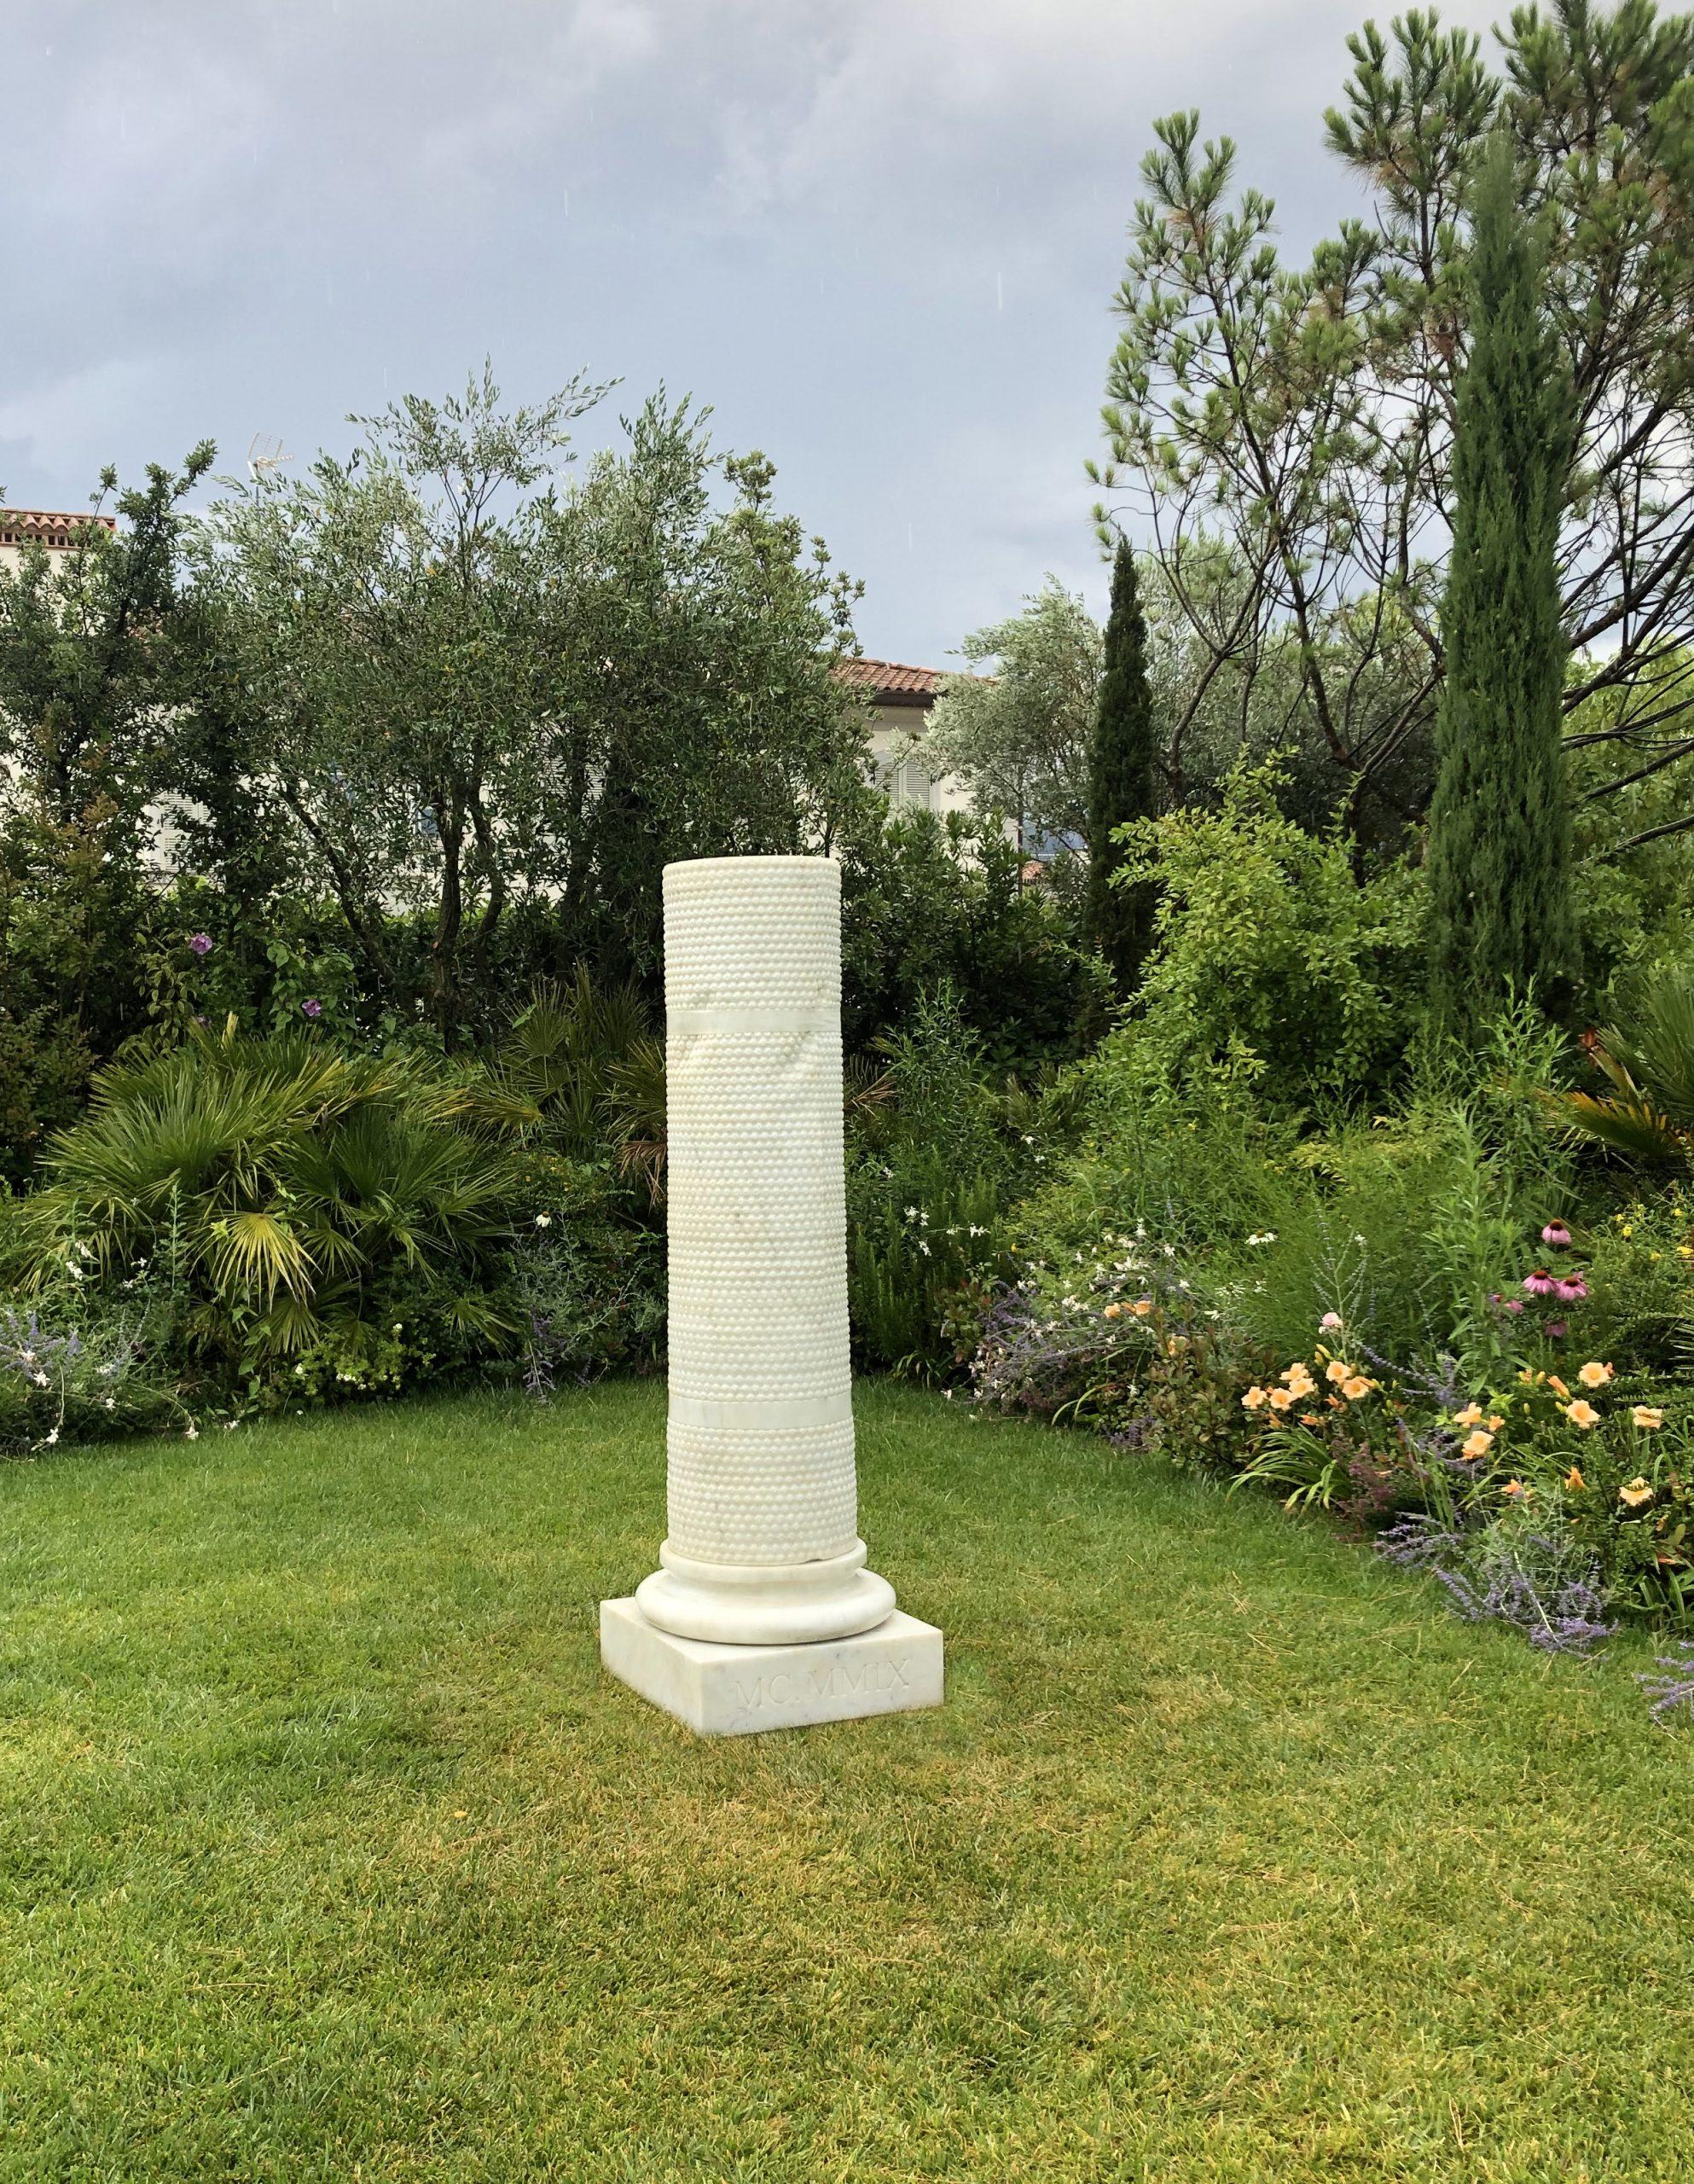 Michele Chiossi scultura Bubble Architour, 2009  marmo bianco statuario colonna classica classicità bubble wrap pluriball imballaggio